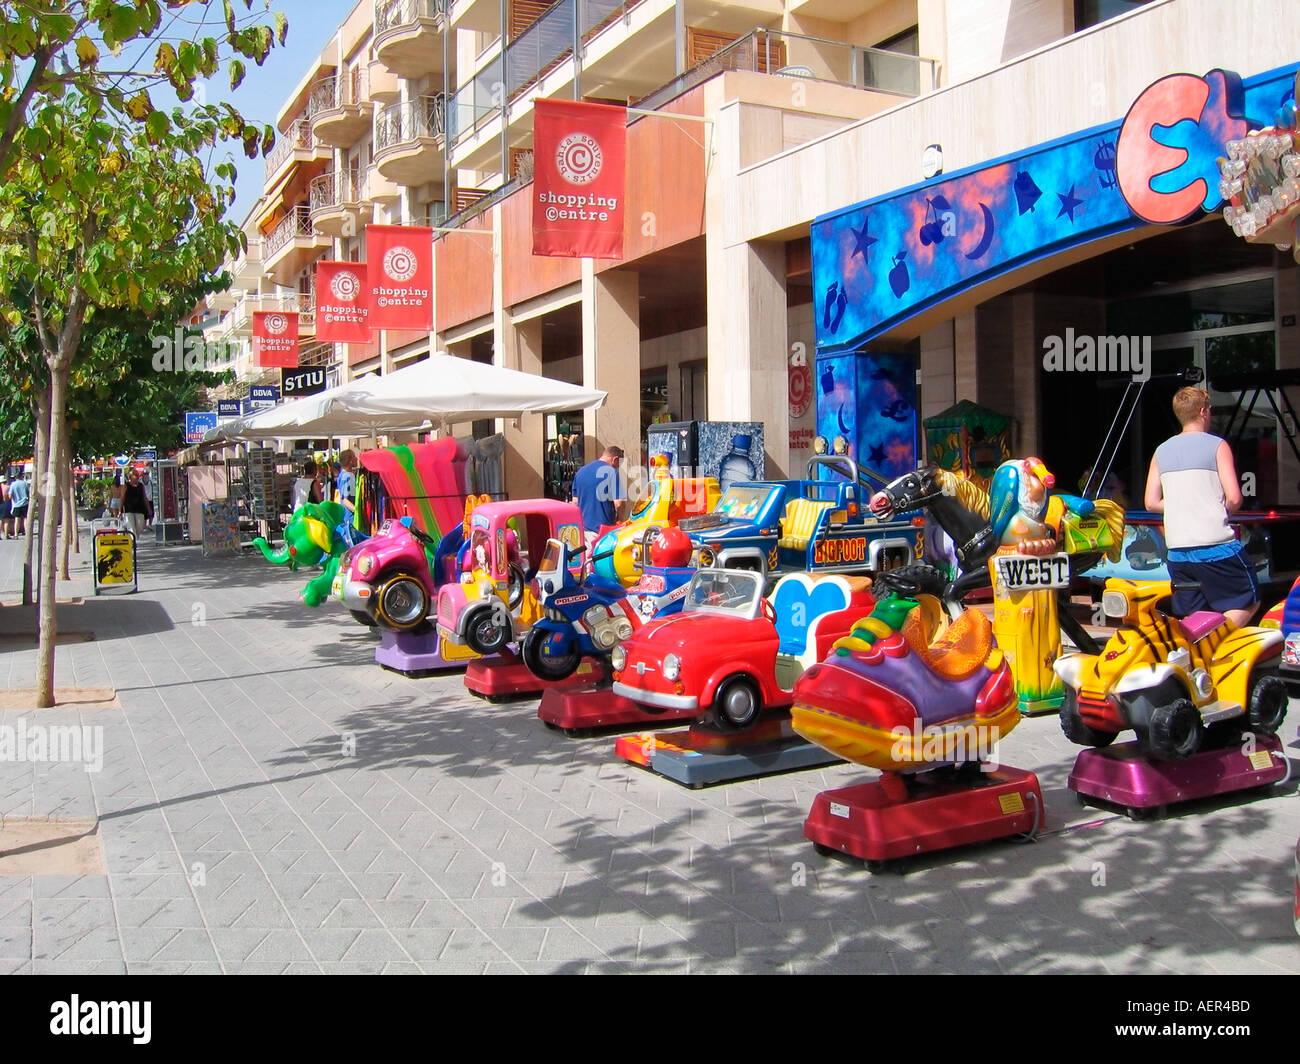 Shopping Centre Alcudia Majorca Spain Stock Photo 2553020 Alamy